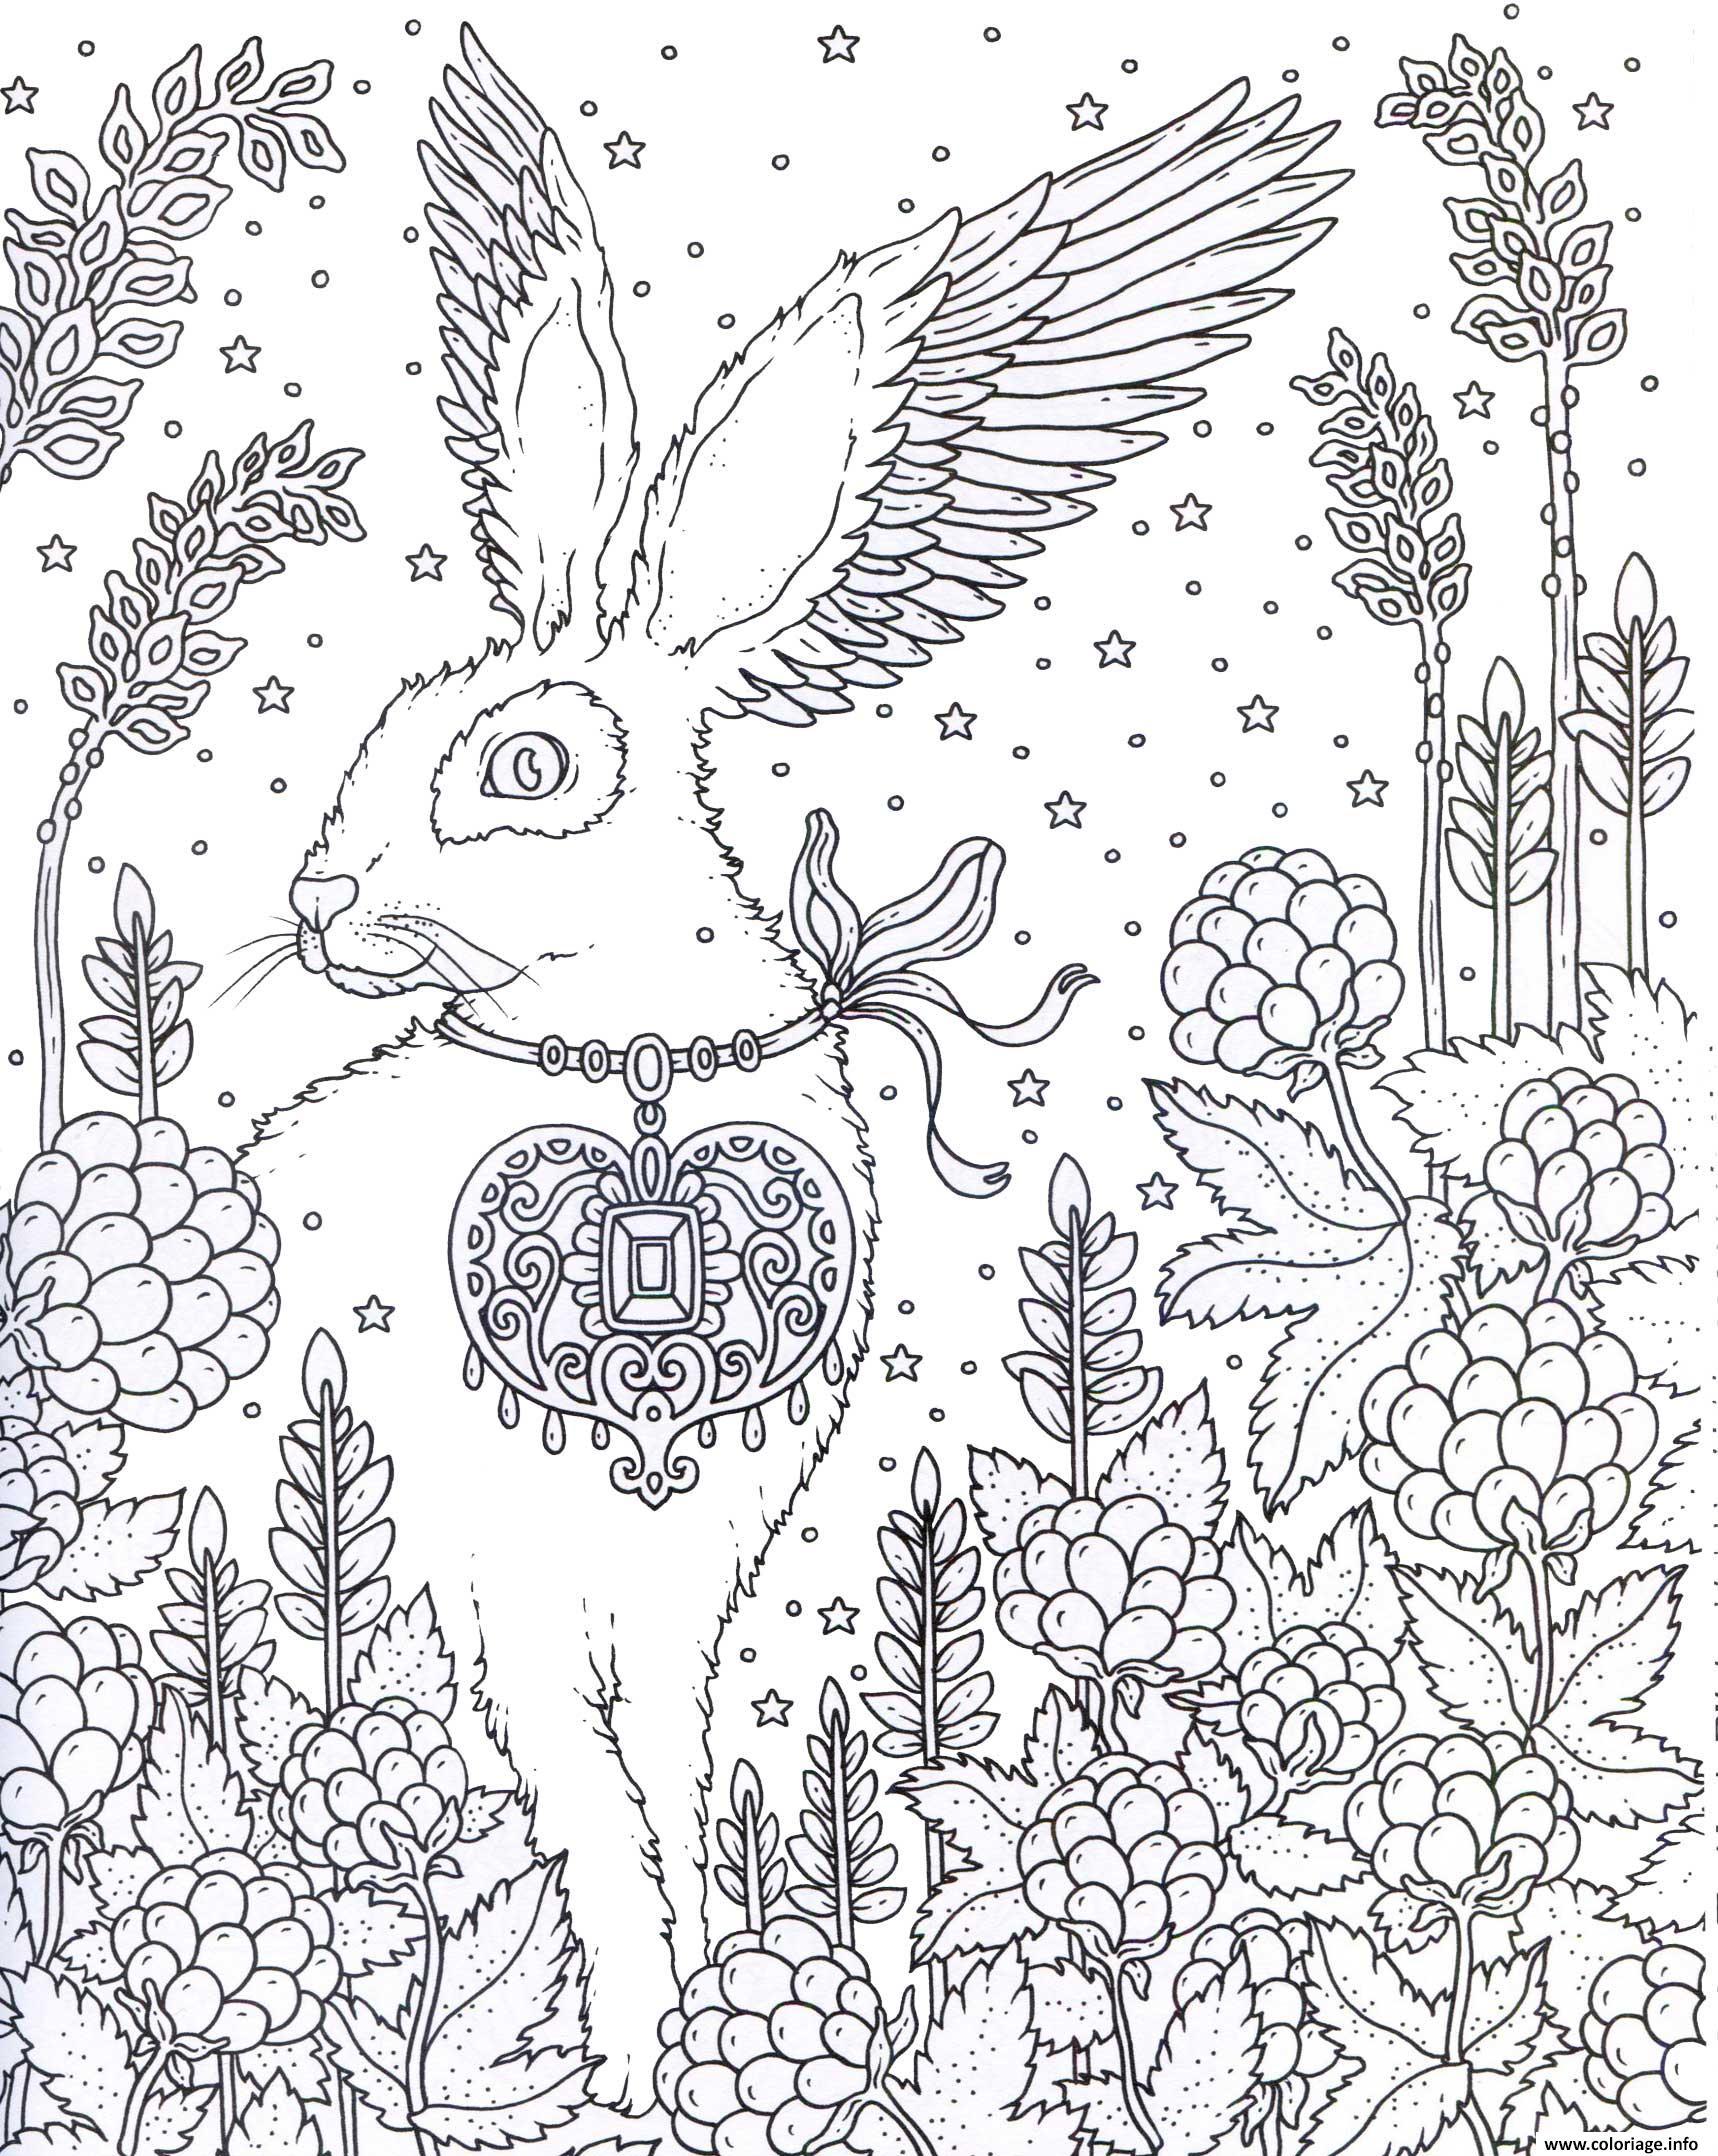 Coloriage Adulte Lapin Entoure De Plantes dessin